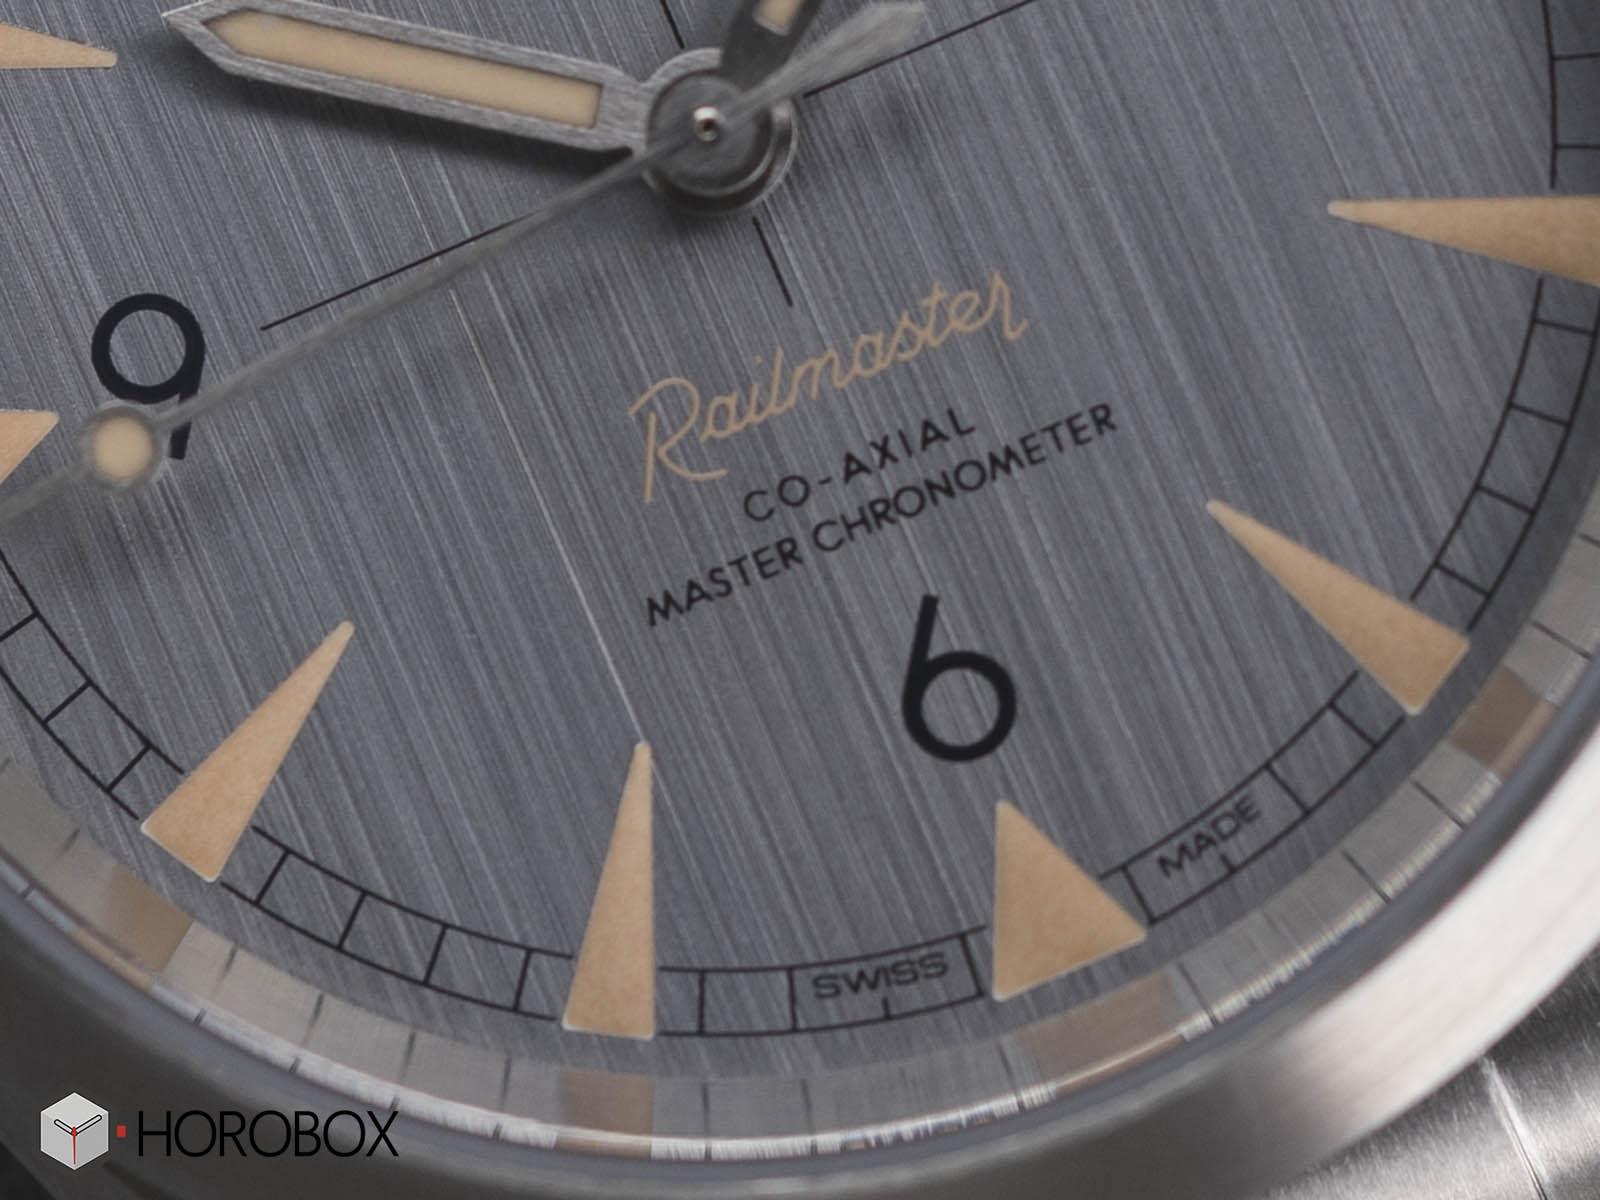 220-12-40-20-06-001-omega-seamaster-railmaster-master-chronometer.jpg